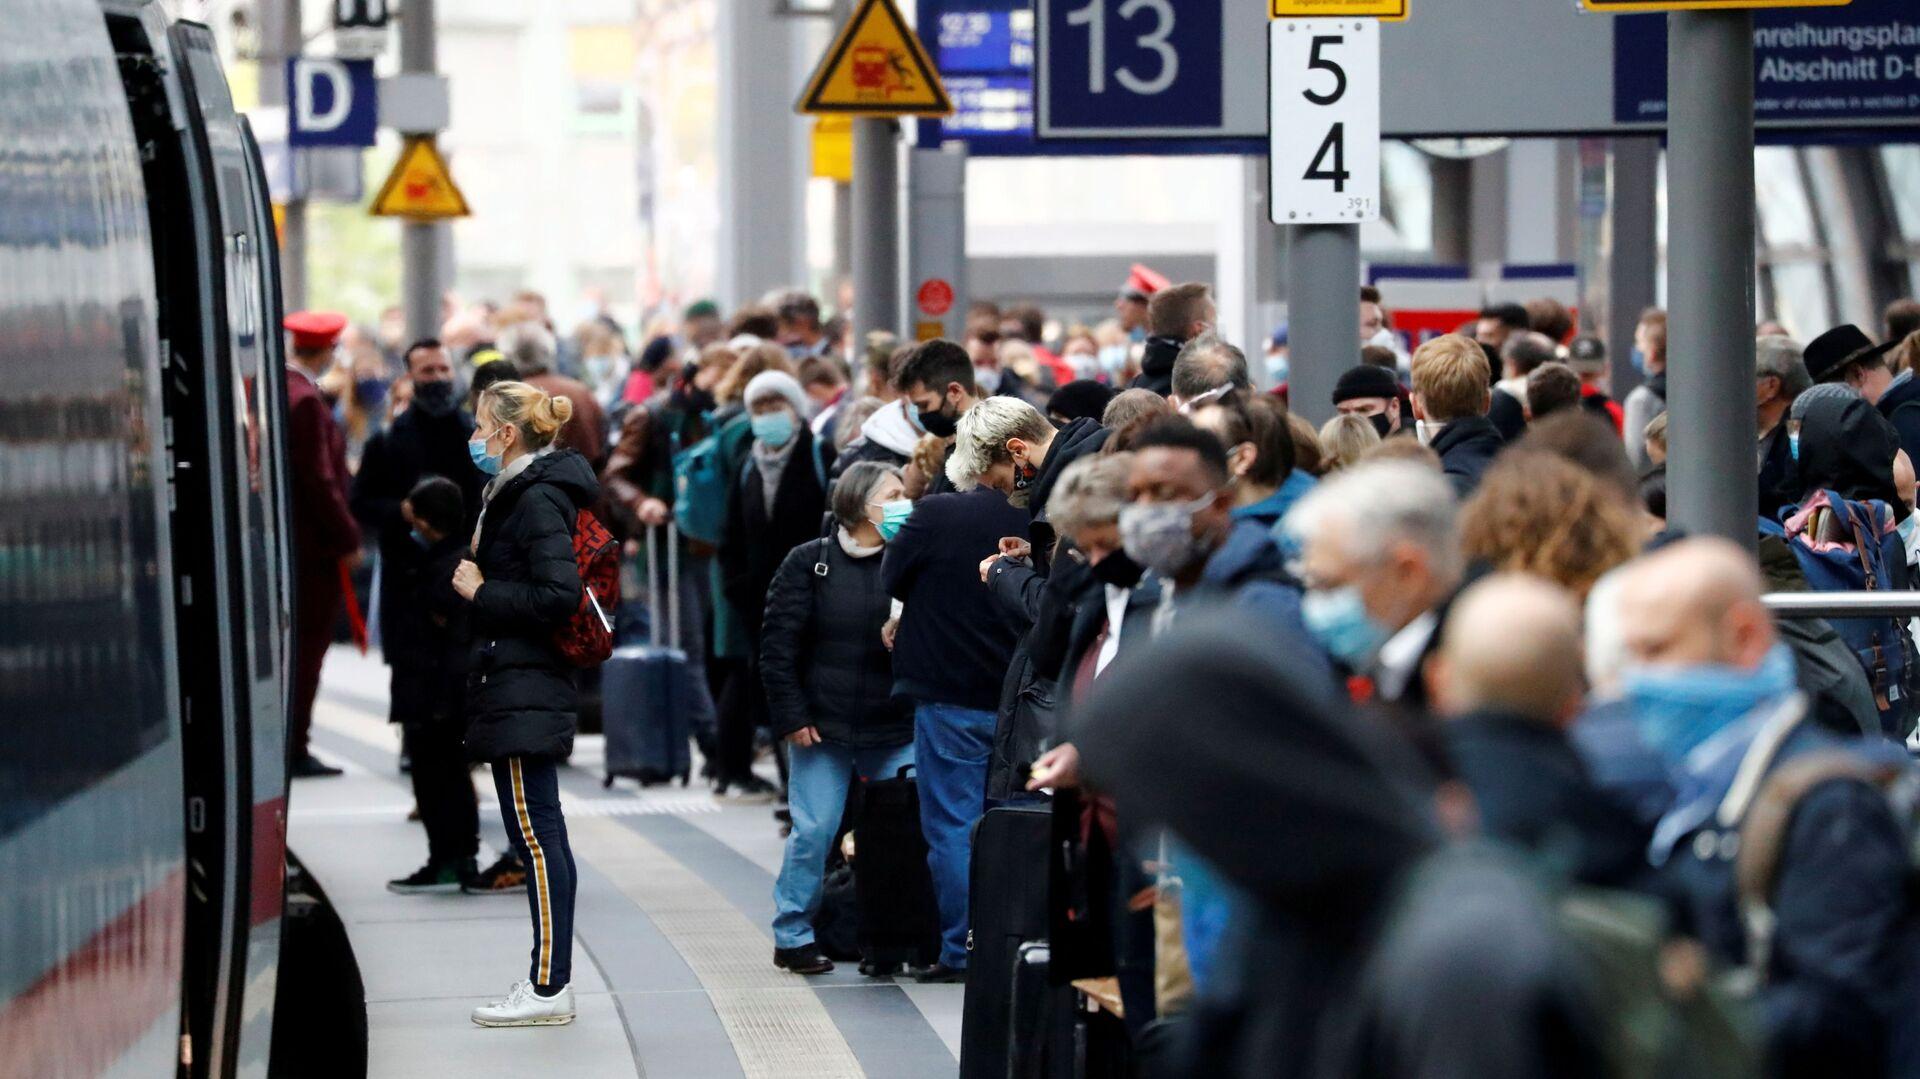 Cestující čekají na nástupišti hlavního vlakového nádraží v Berlíně - Sputnik Česká republika, 1920, 07.06.2021